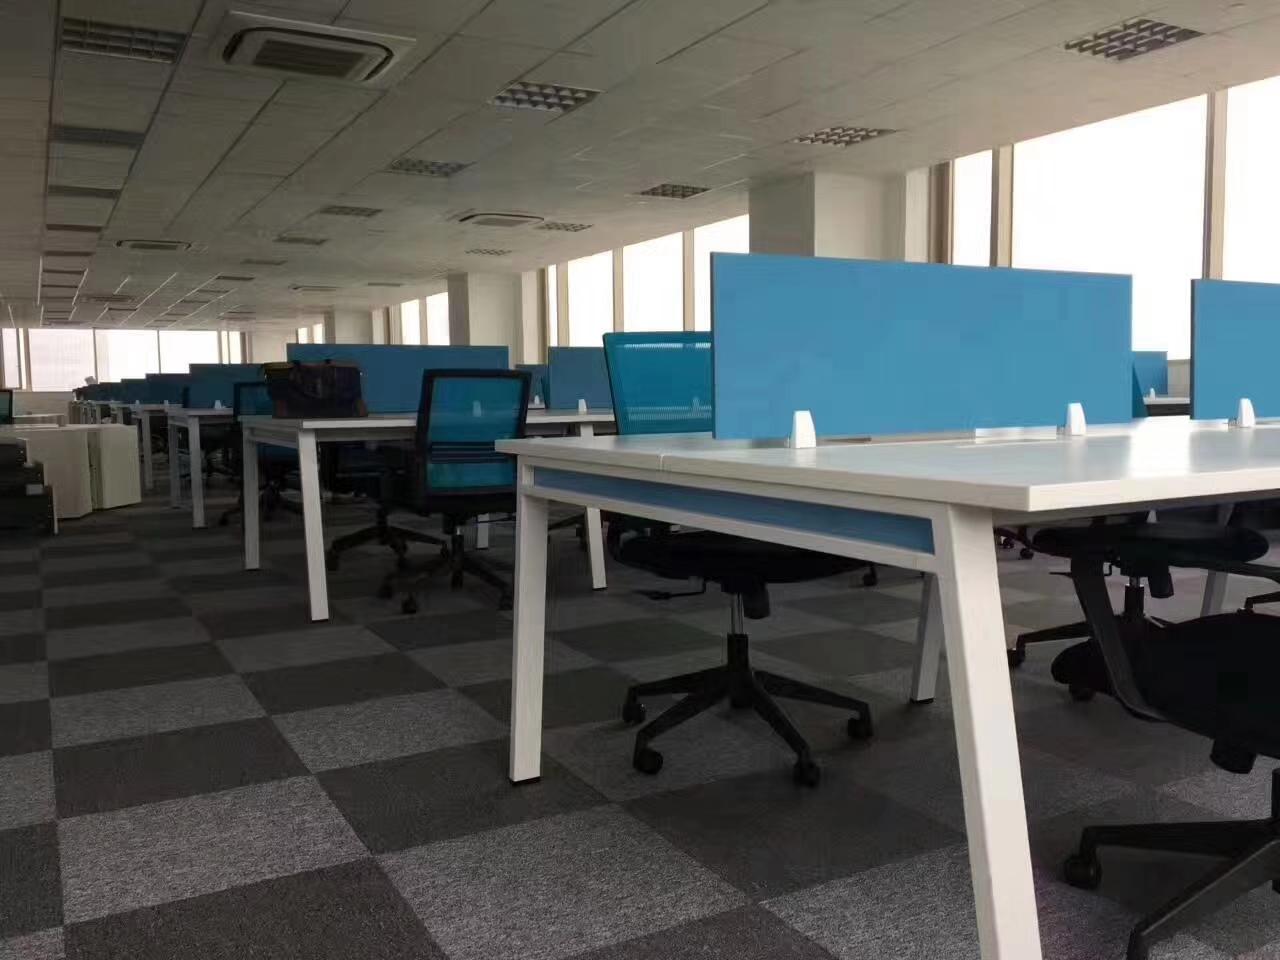 瑞办办公家具如何购买办公家具办公家具买哪个品牌比较好